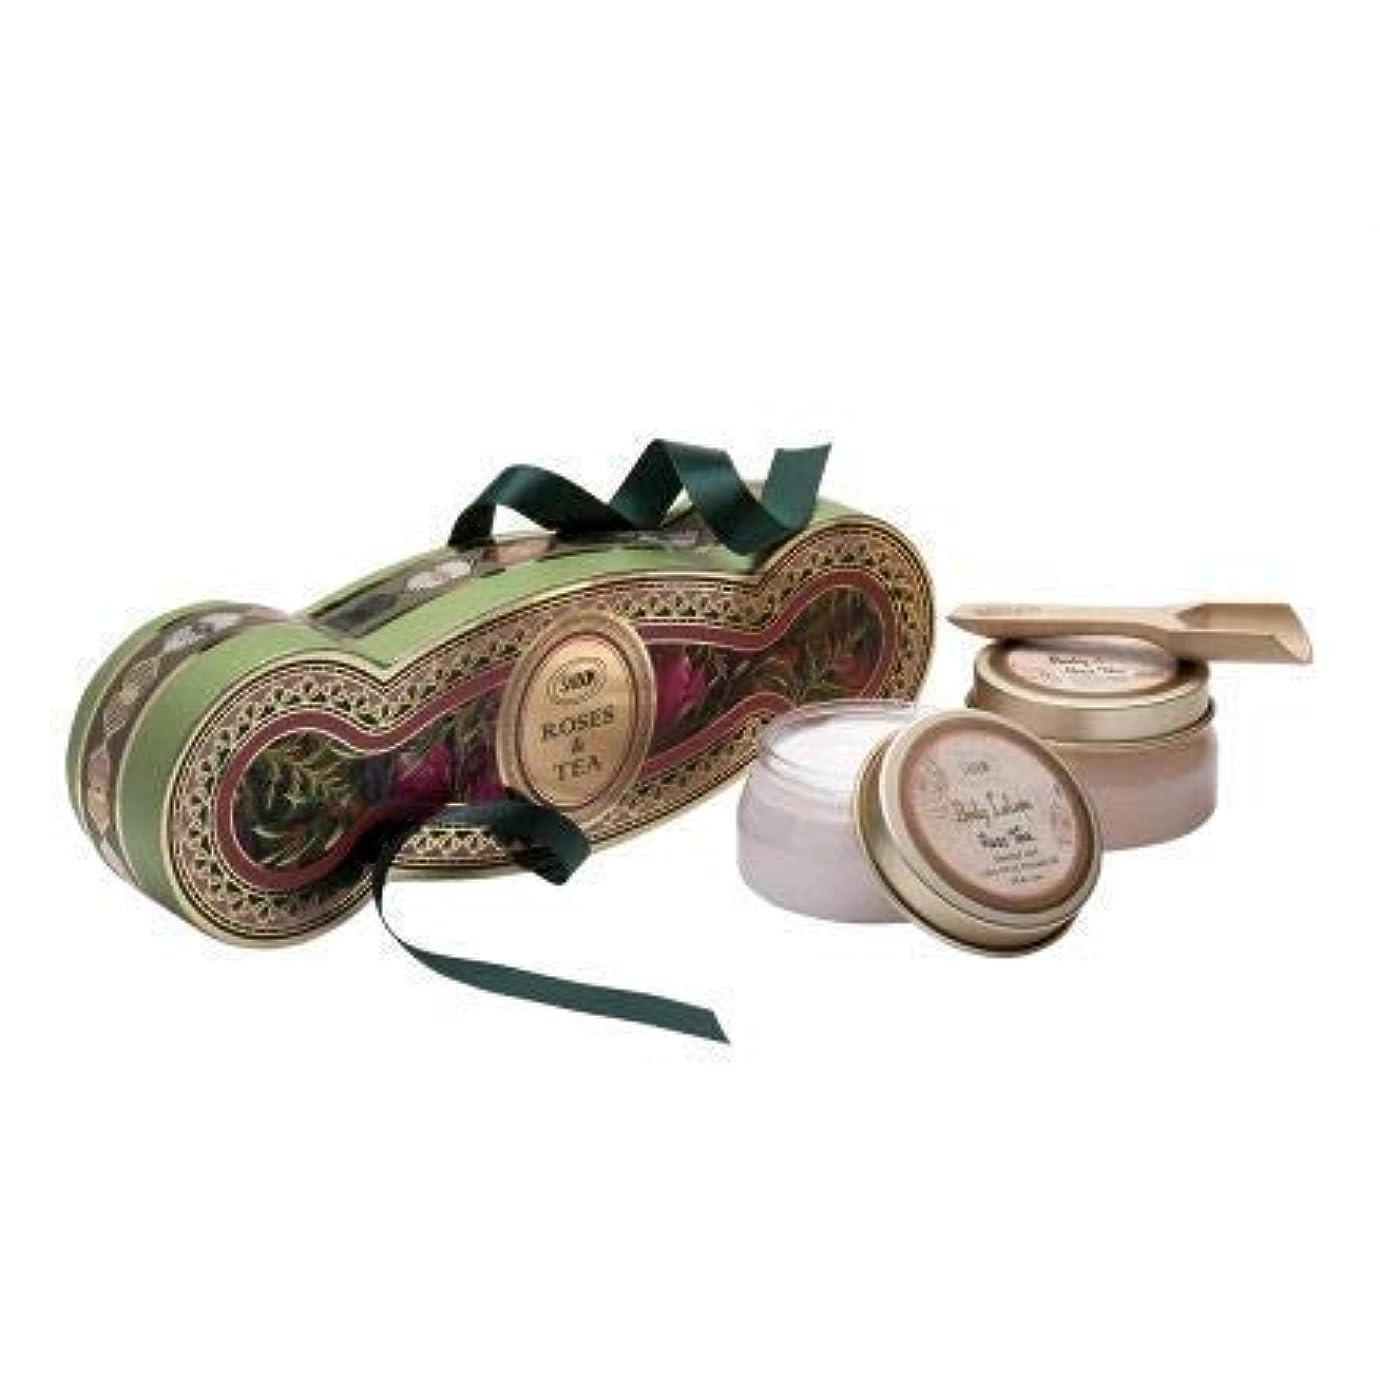 オセアニア誤解を招く端末サボン コフレ ギフト ローズティー キット ボディスクラブ ボディローション ホワイトデー SABON Rose Tea kit コレクション